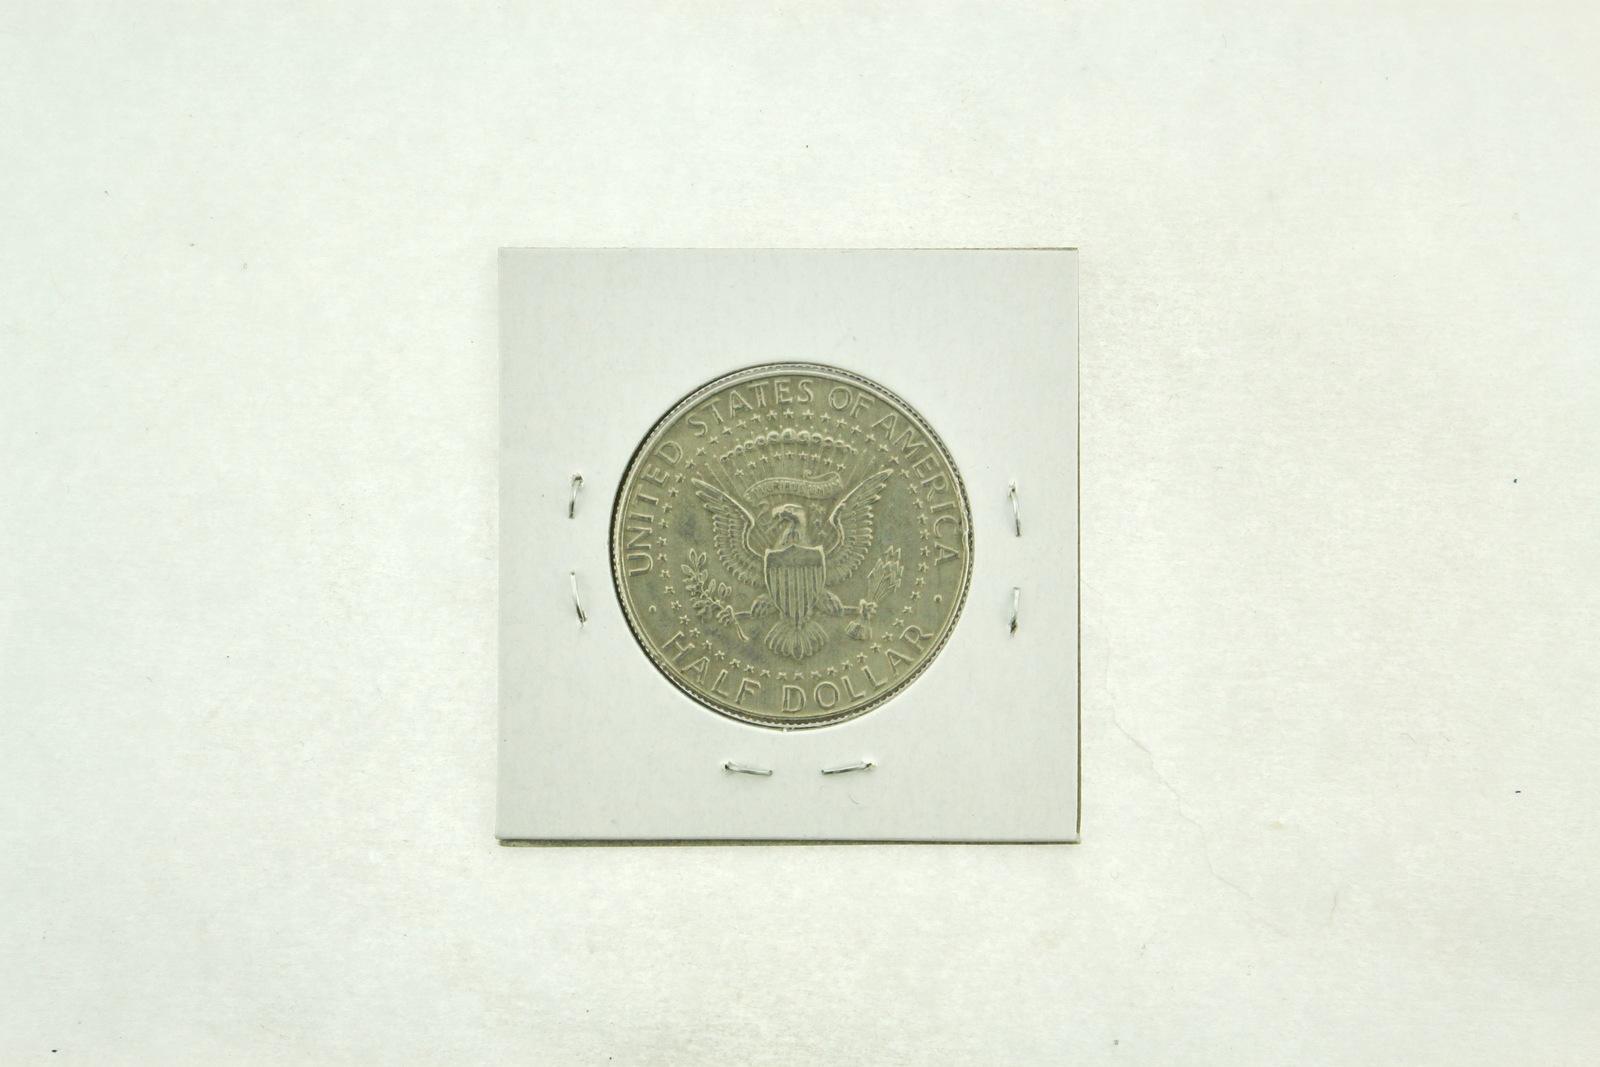 1989-D Kennedy Half Dollar (F) Fine N2-3824-4